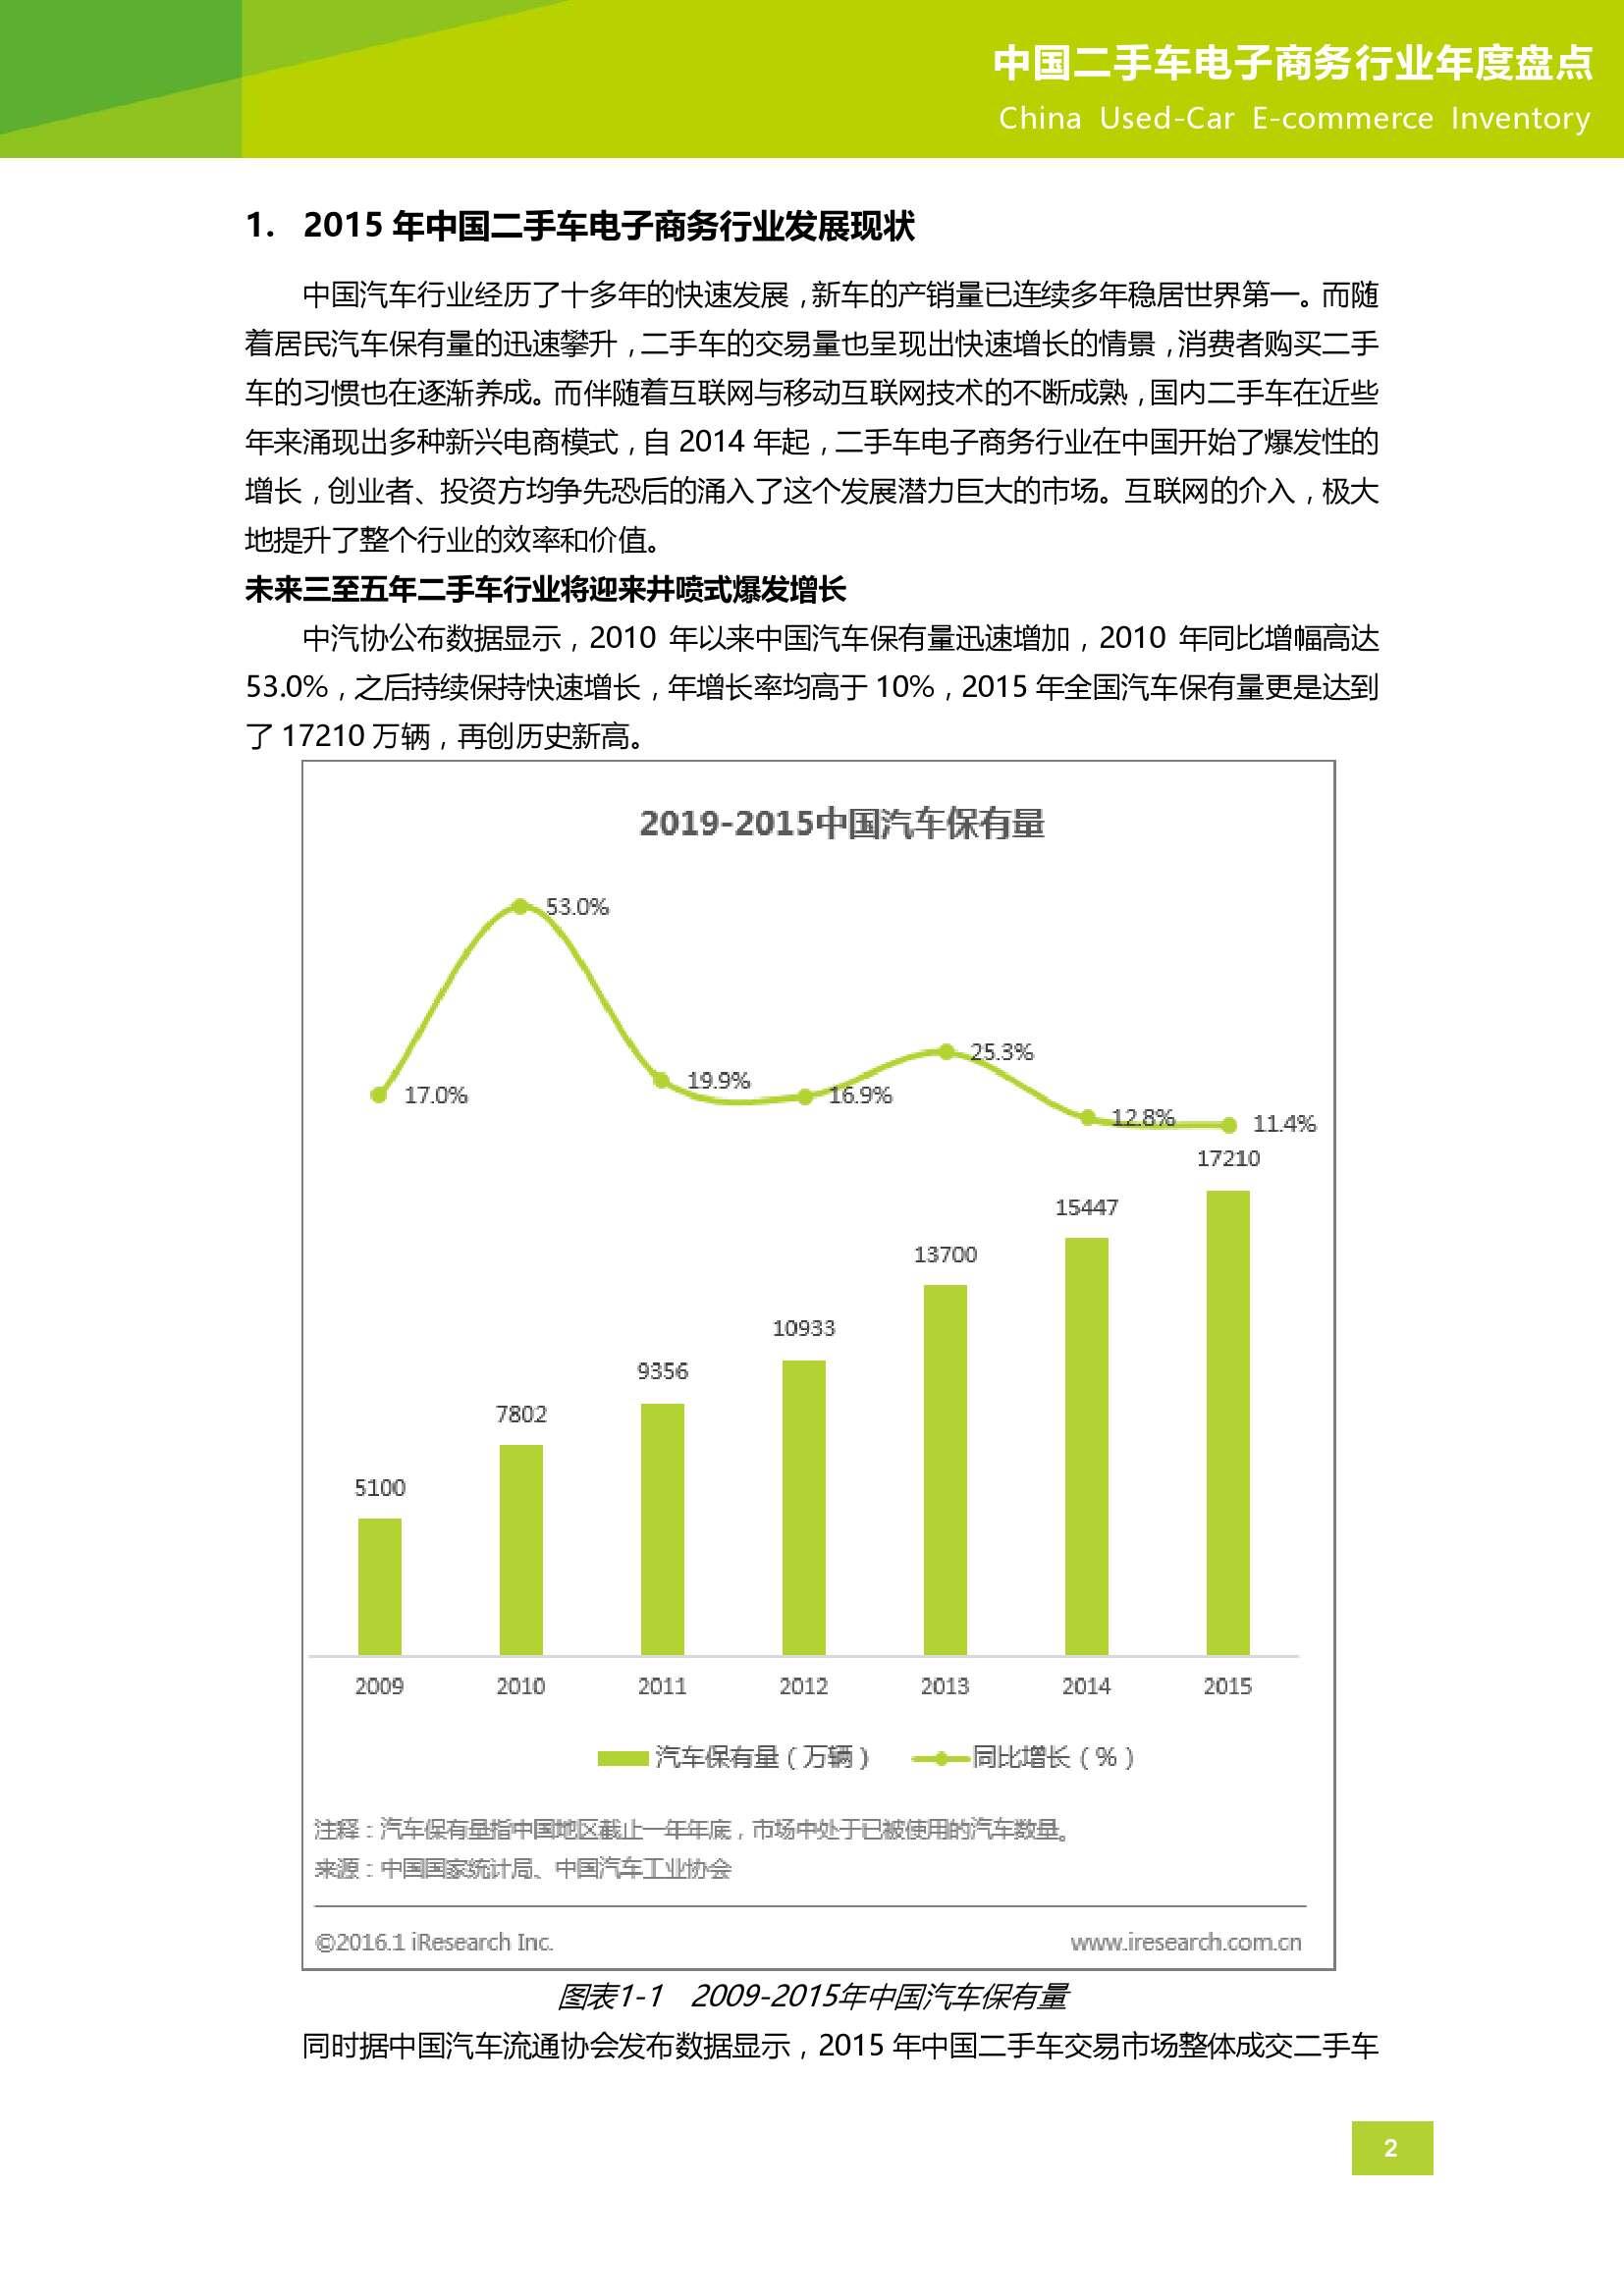 2015年中国二手车电子商务行业年度盘点_000003